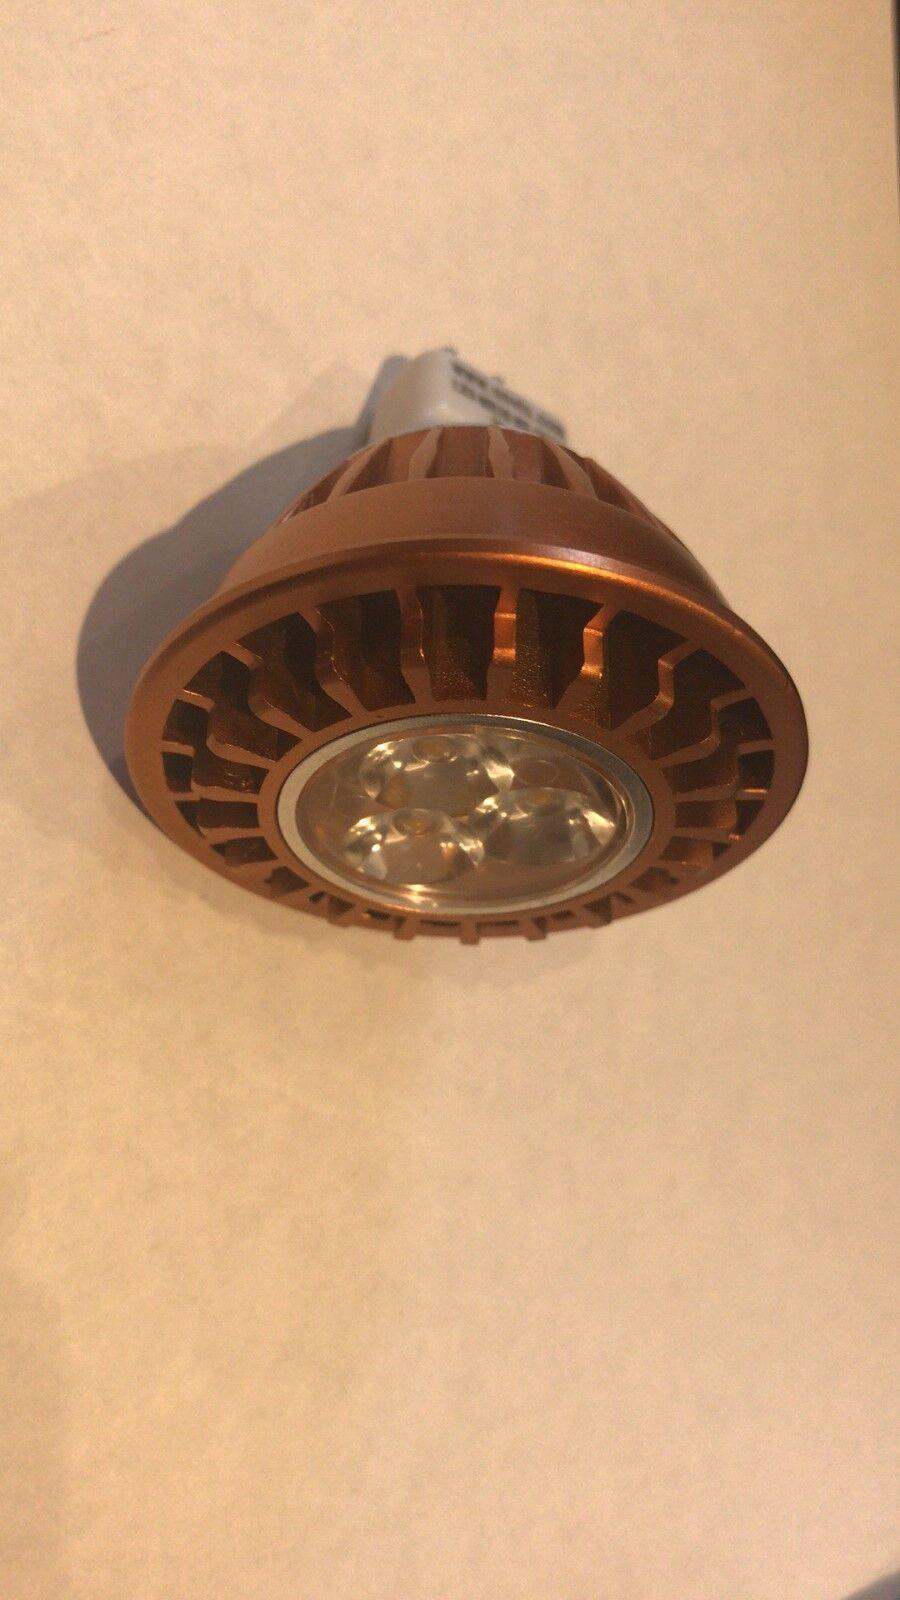 10 pcs MR16 8-24V 4W 4.74VA 2700K Dimmable LED Spotlight Bulbs